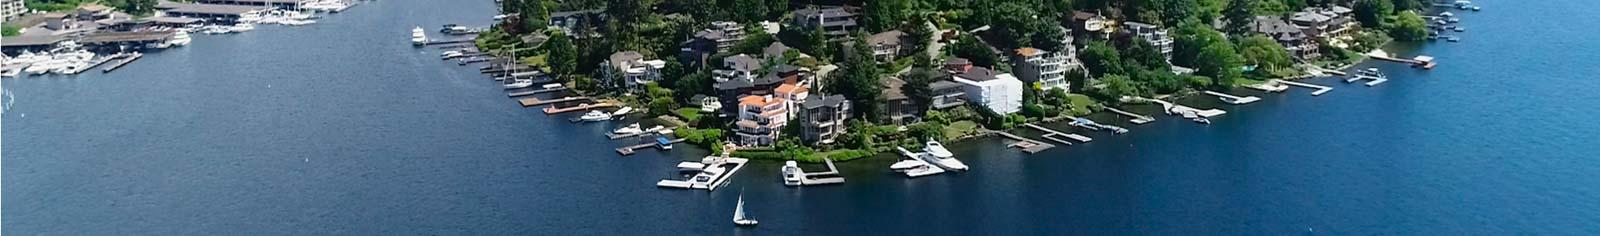 Bellevue Waterfront Market Statistics